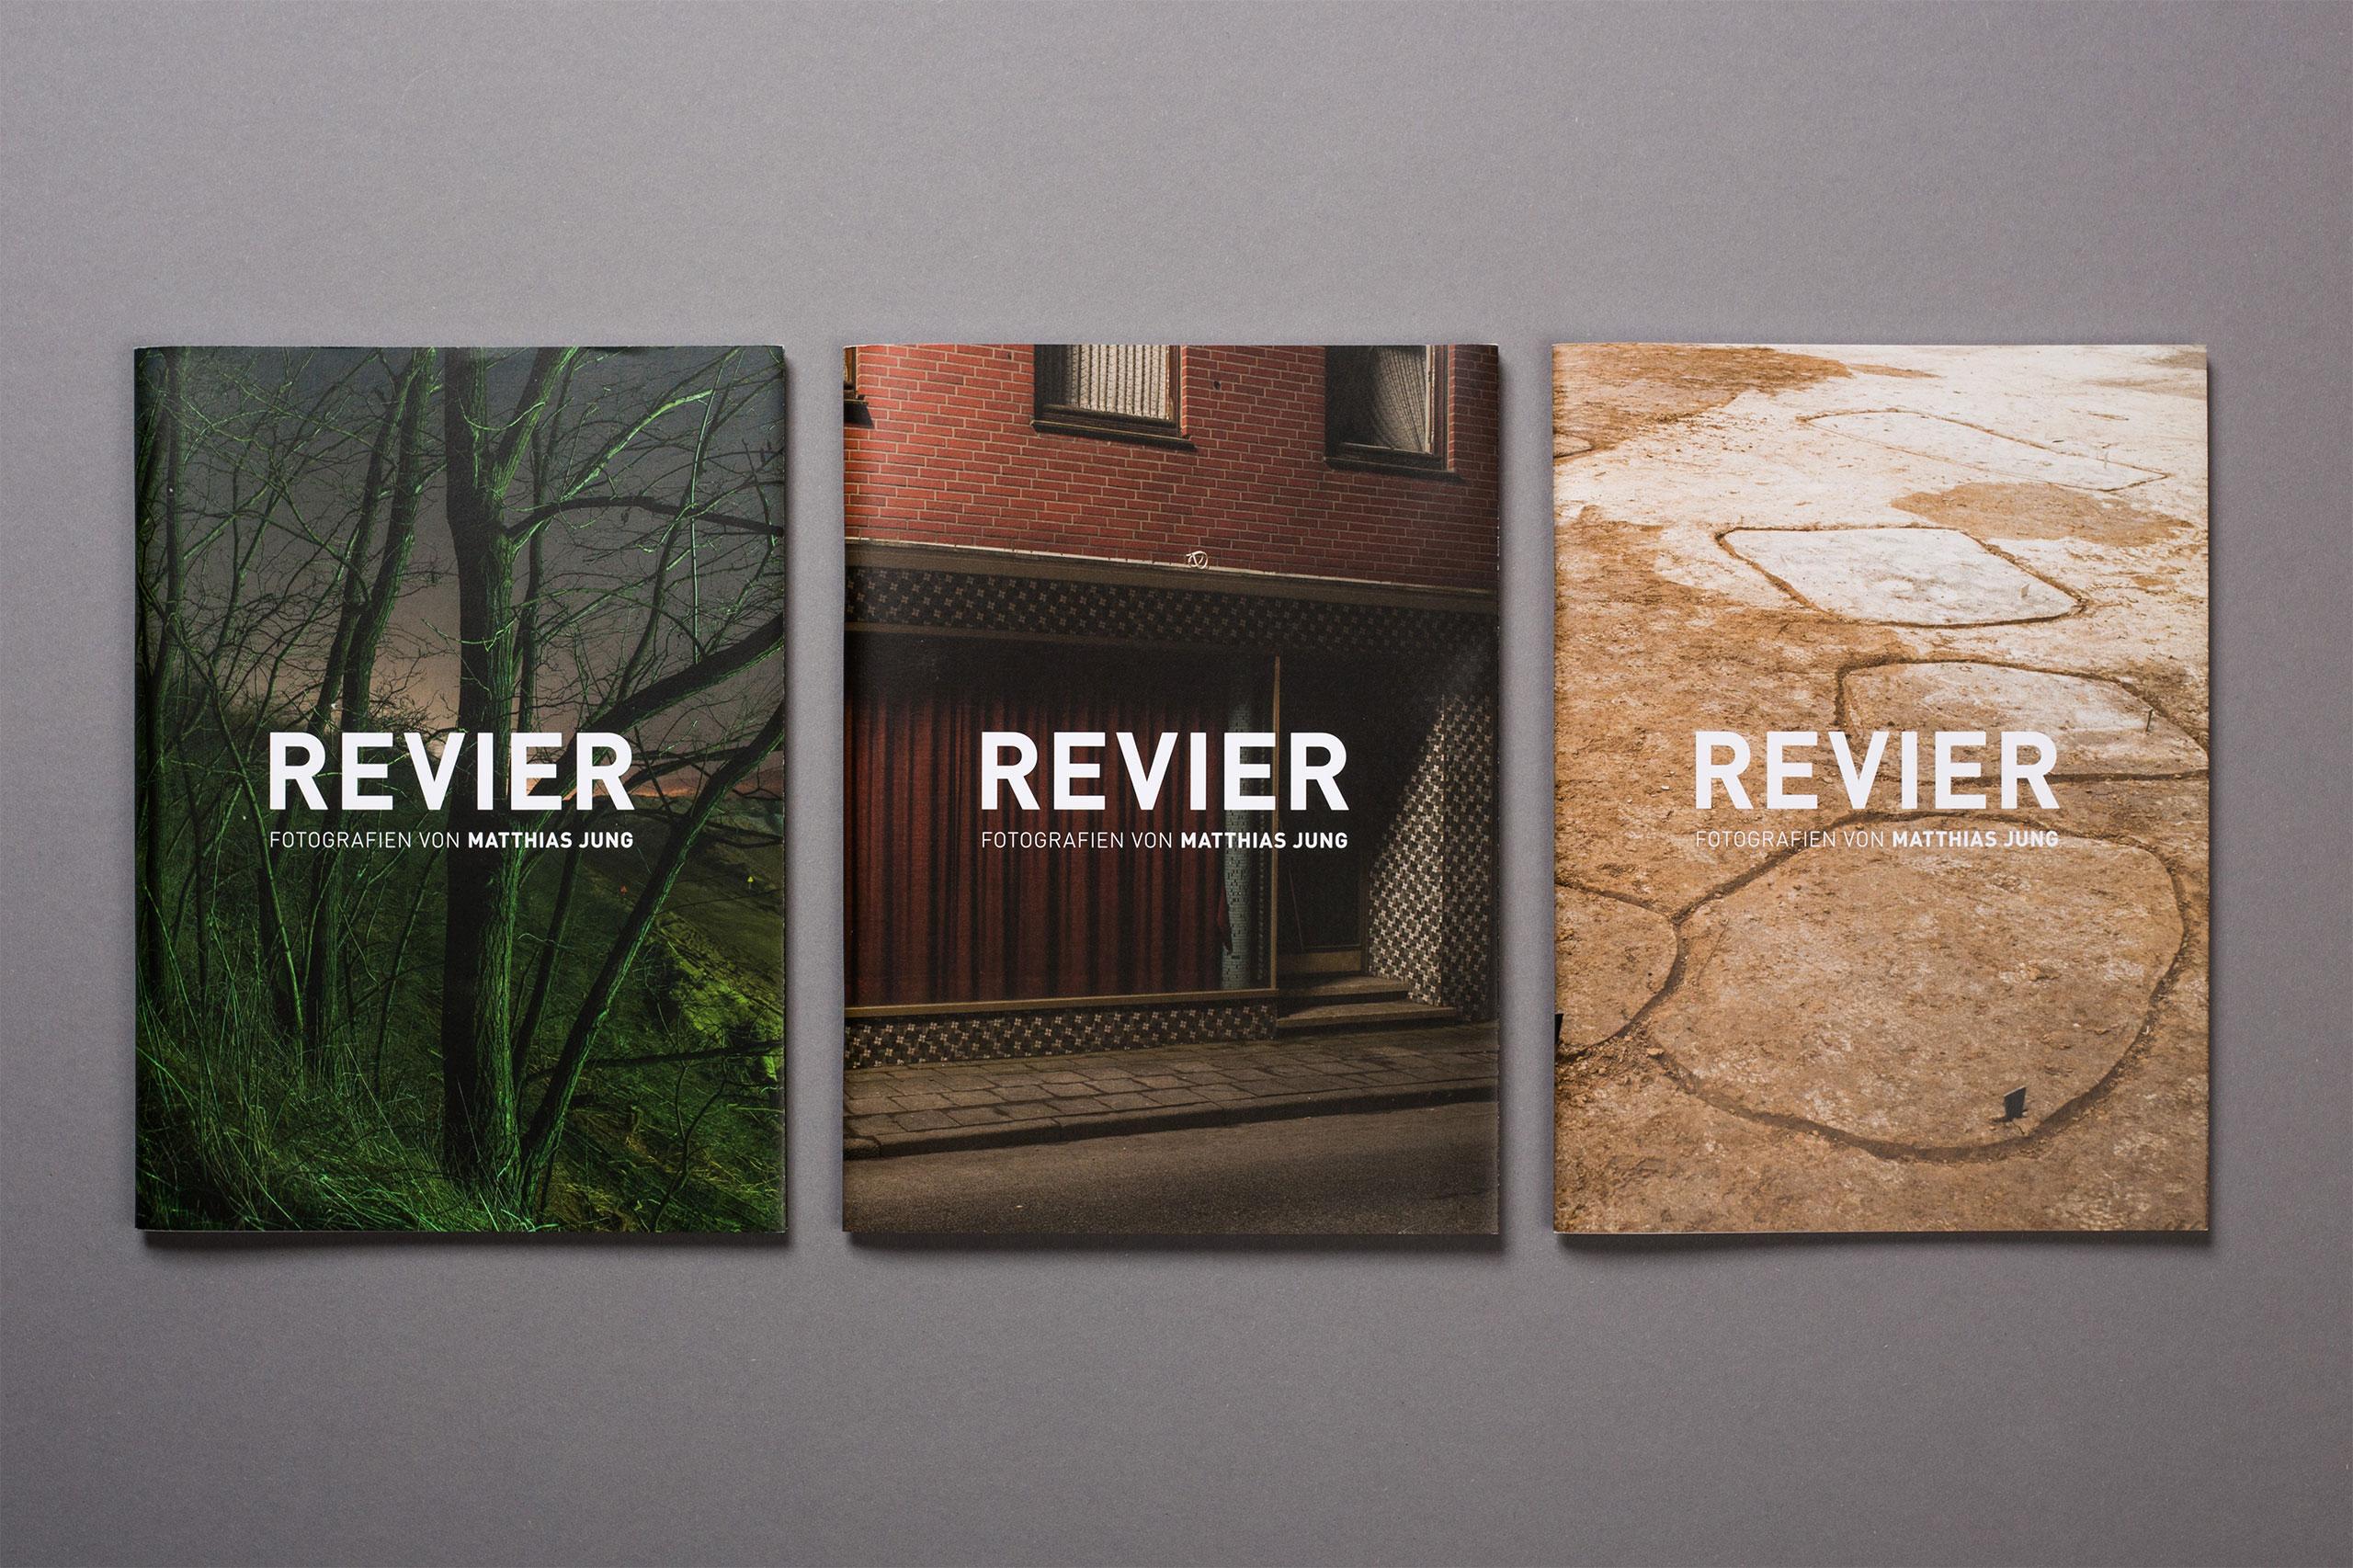 Revier Fotoband, drei Cover